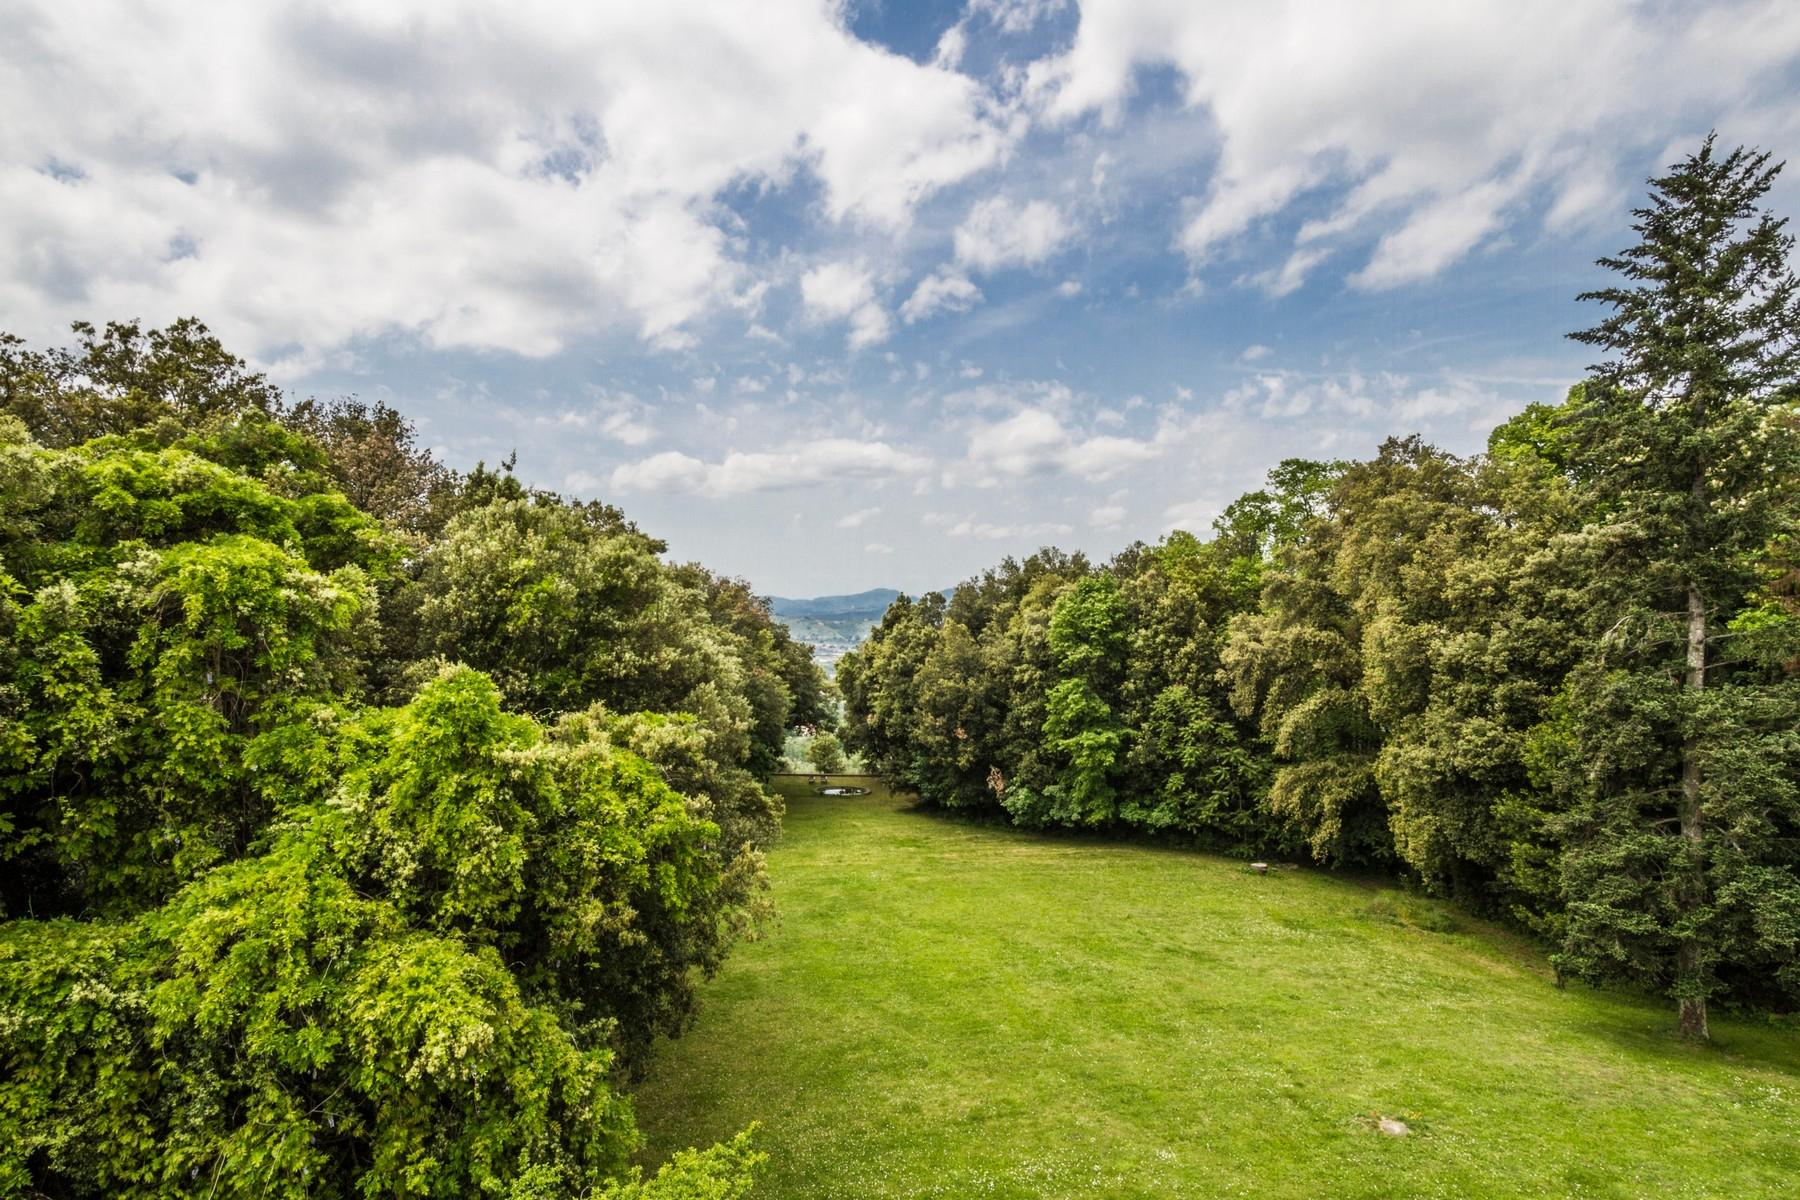 Appartement de luxe dans une villa historique sur les collines de Lucca - 11